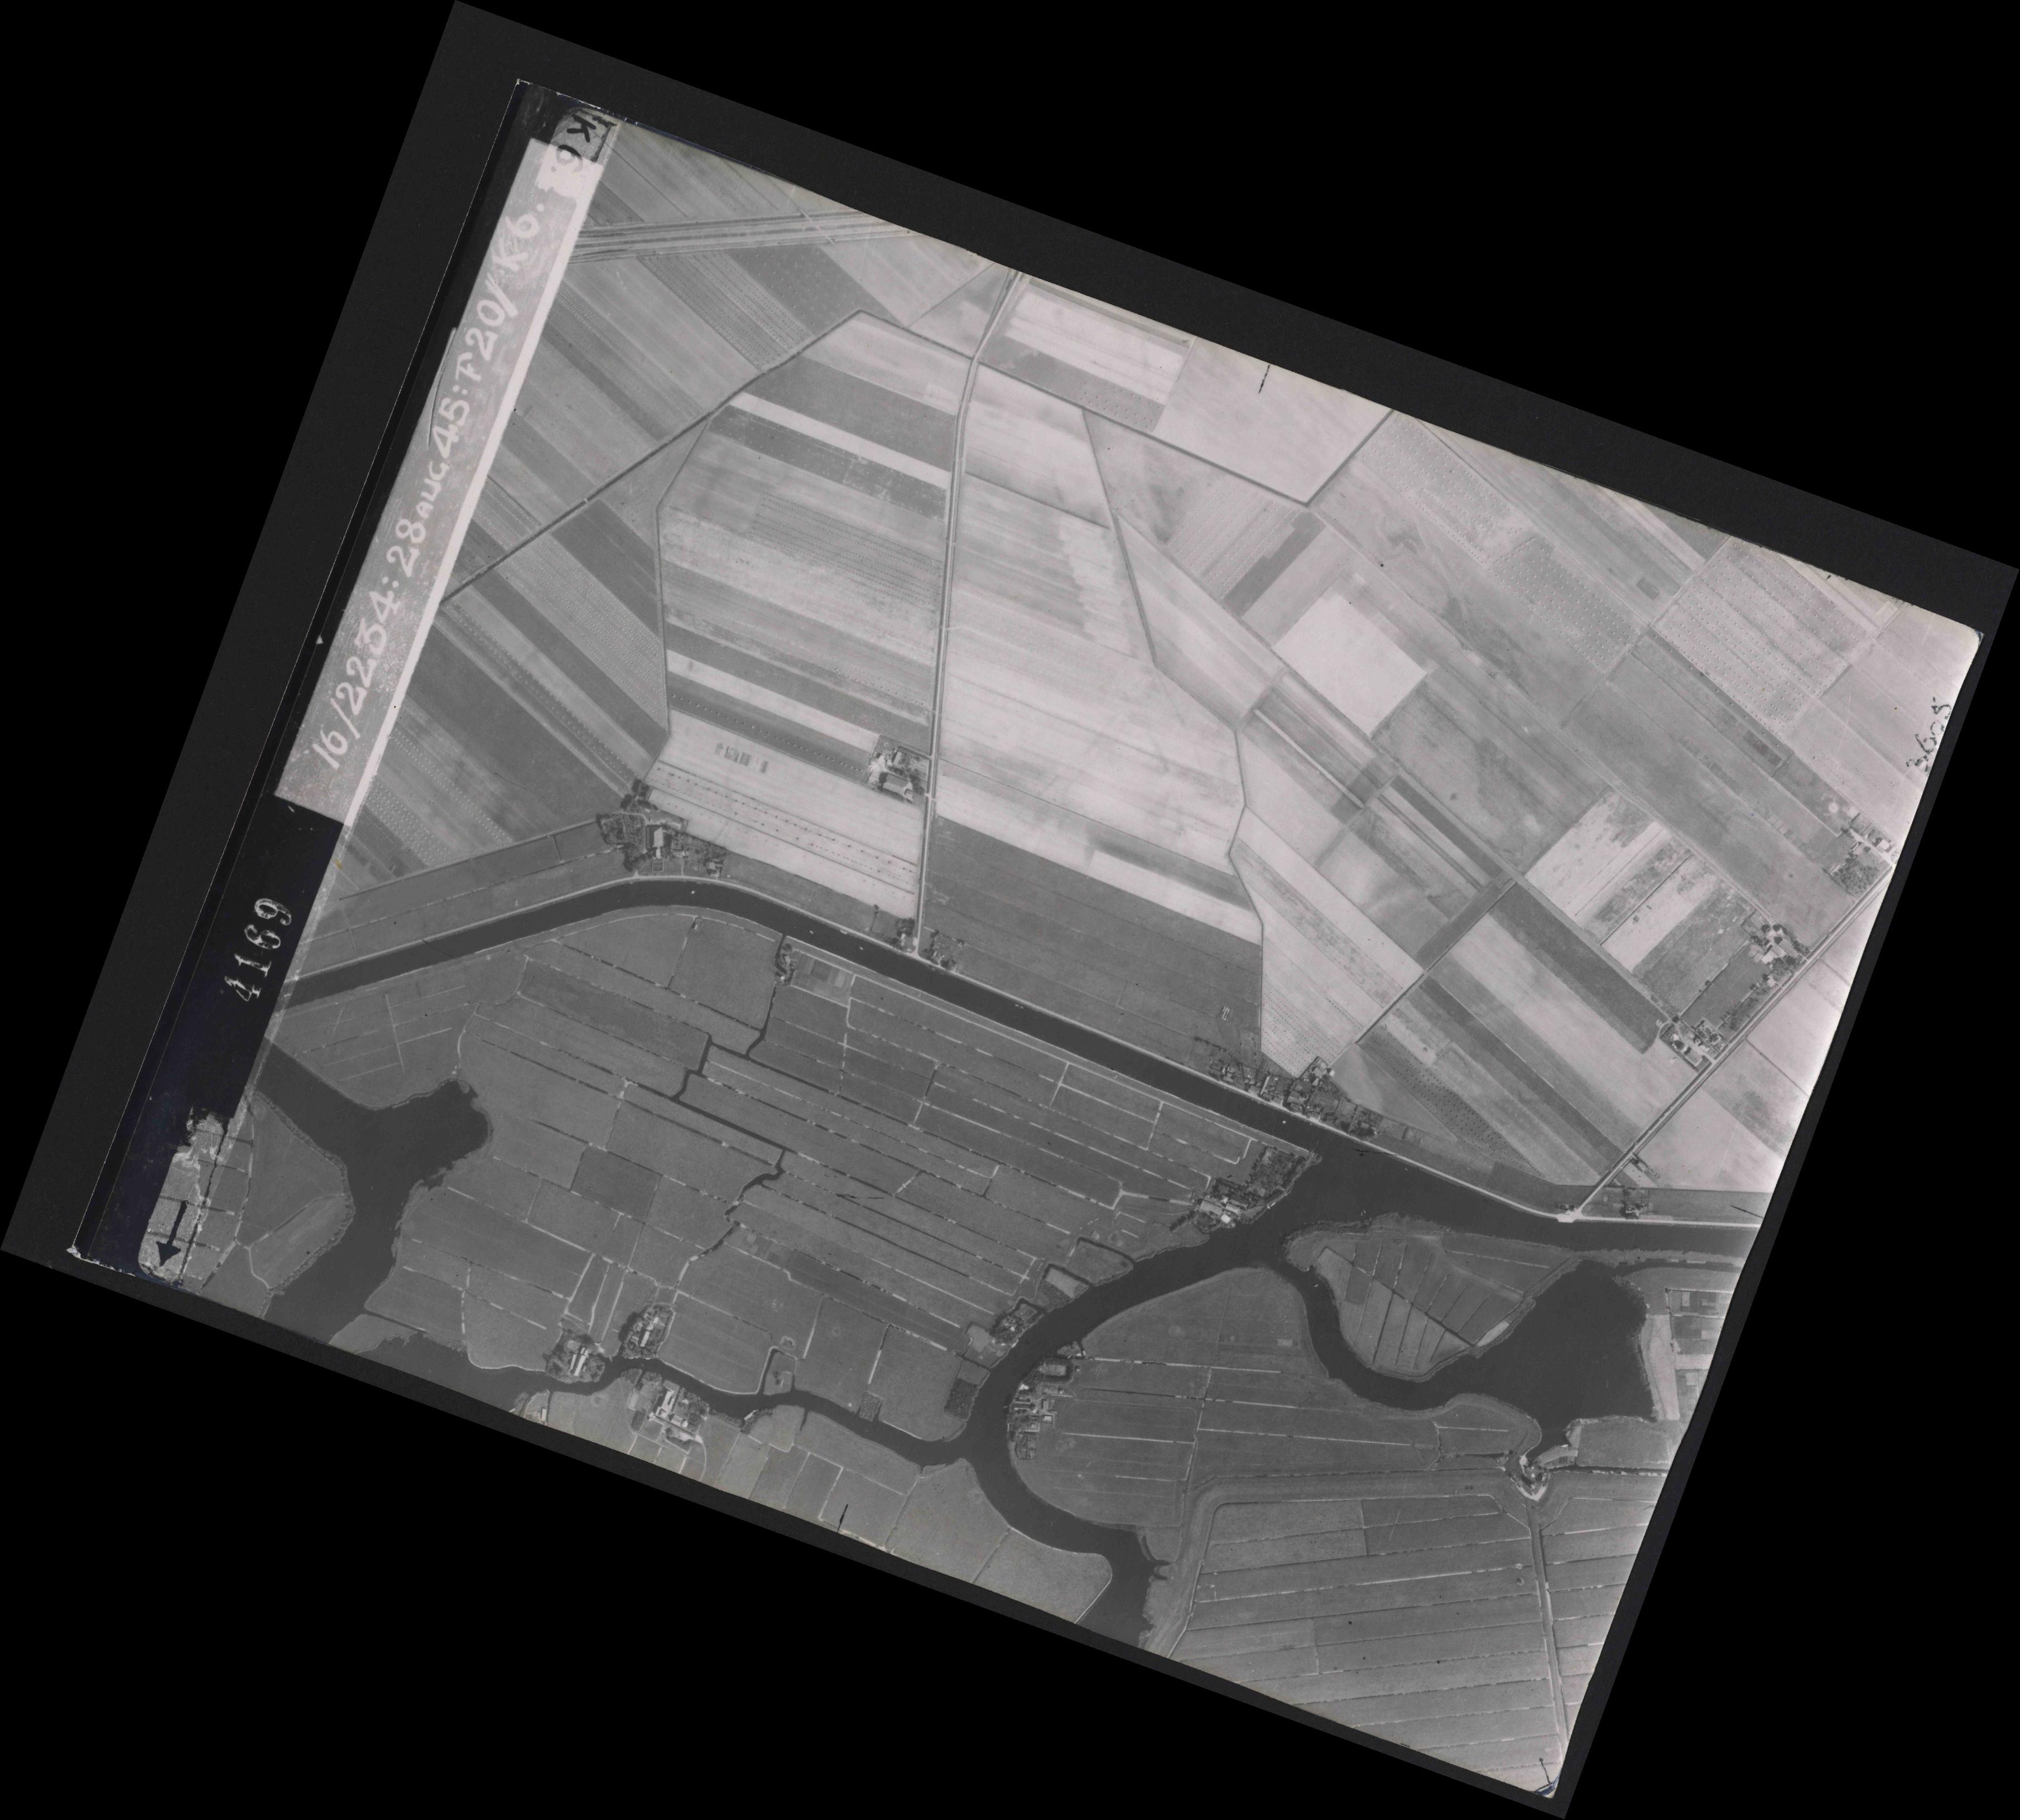 Collection RAF aerial photos 1940-1945 - flight 031, run 01, photo 4169